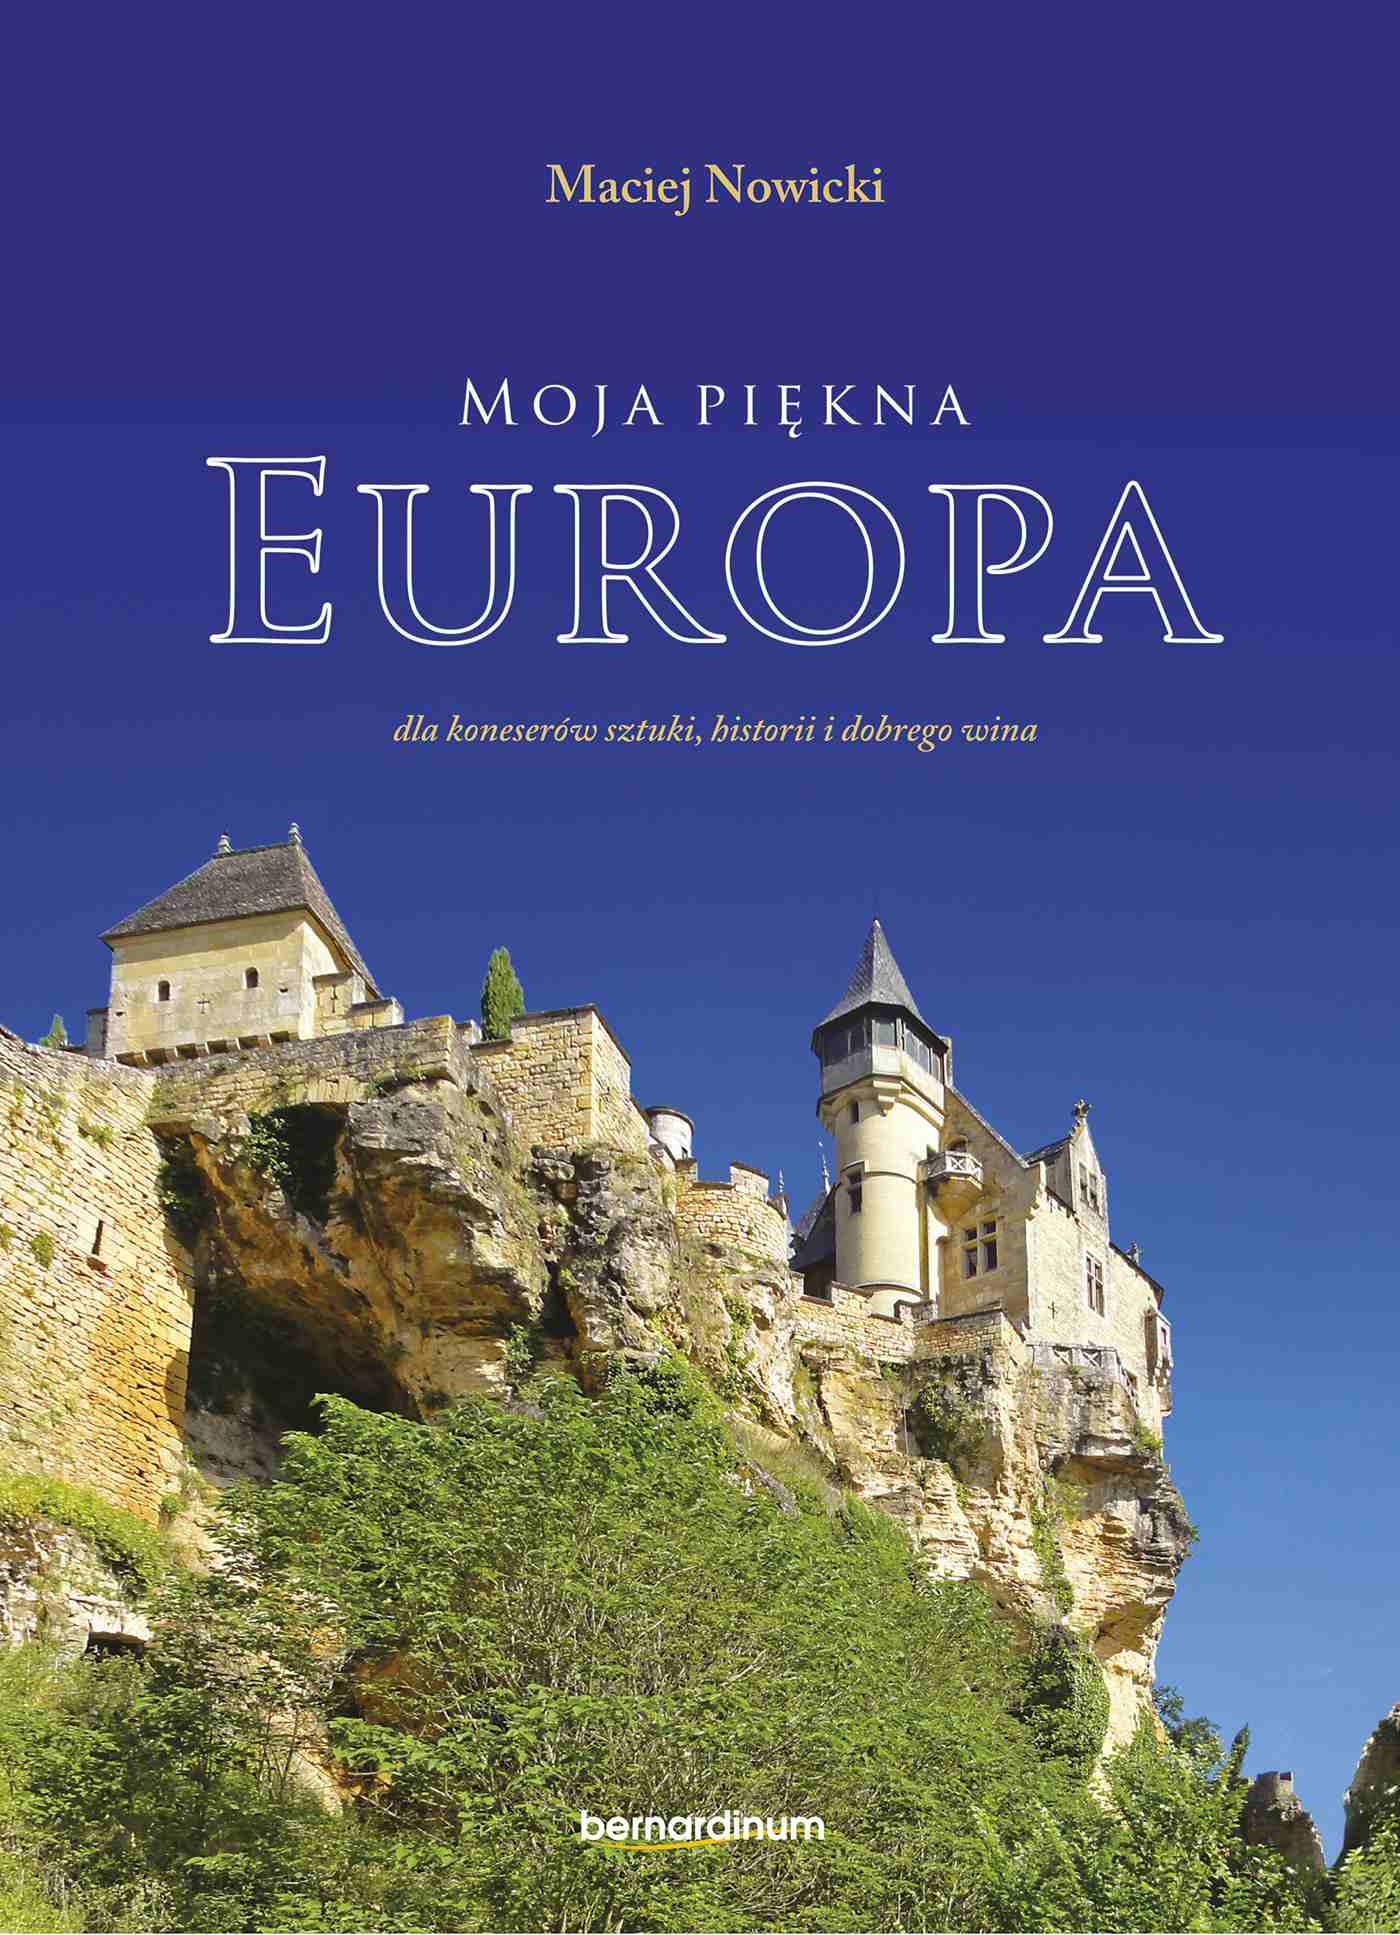 Moja piękna Europa dla koneserów sztuki, historii i dobrego wina - Ebook (Książka na Kindle) do pobrania w formacie MOBI